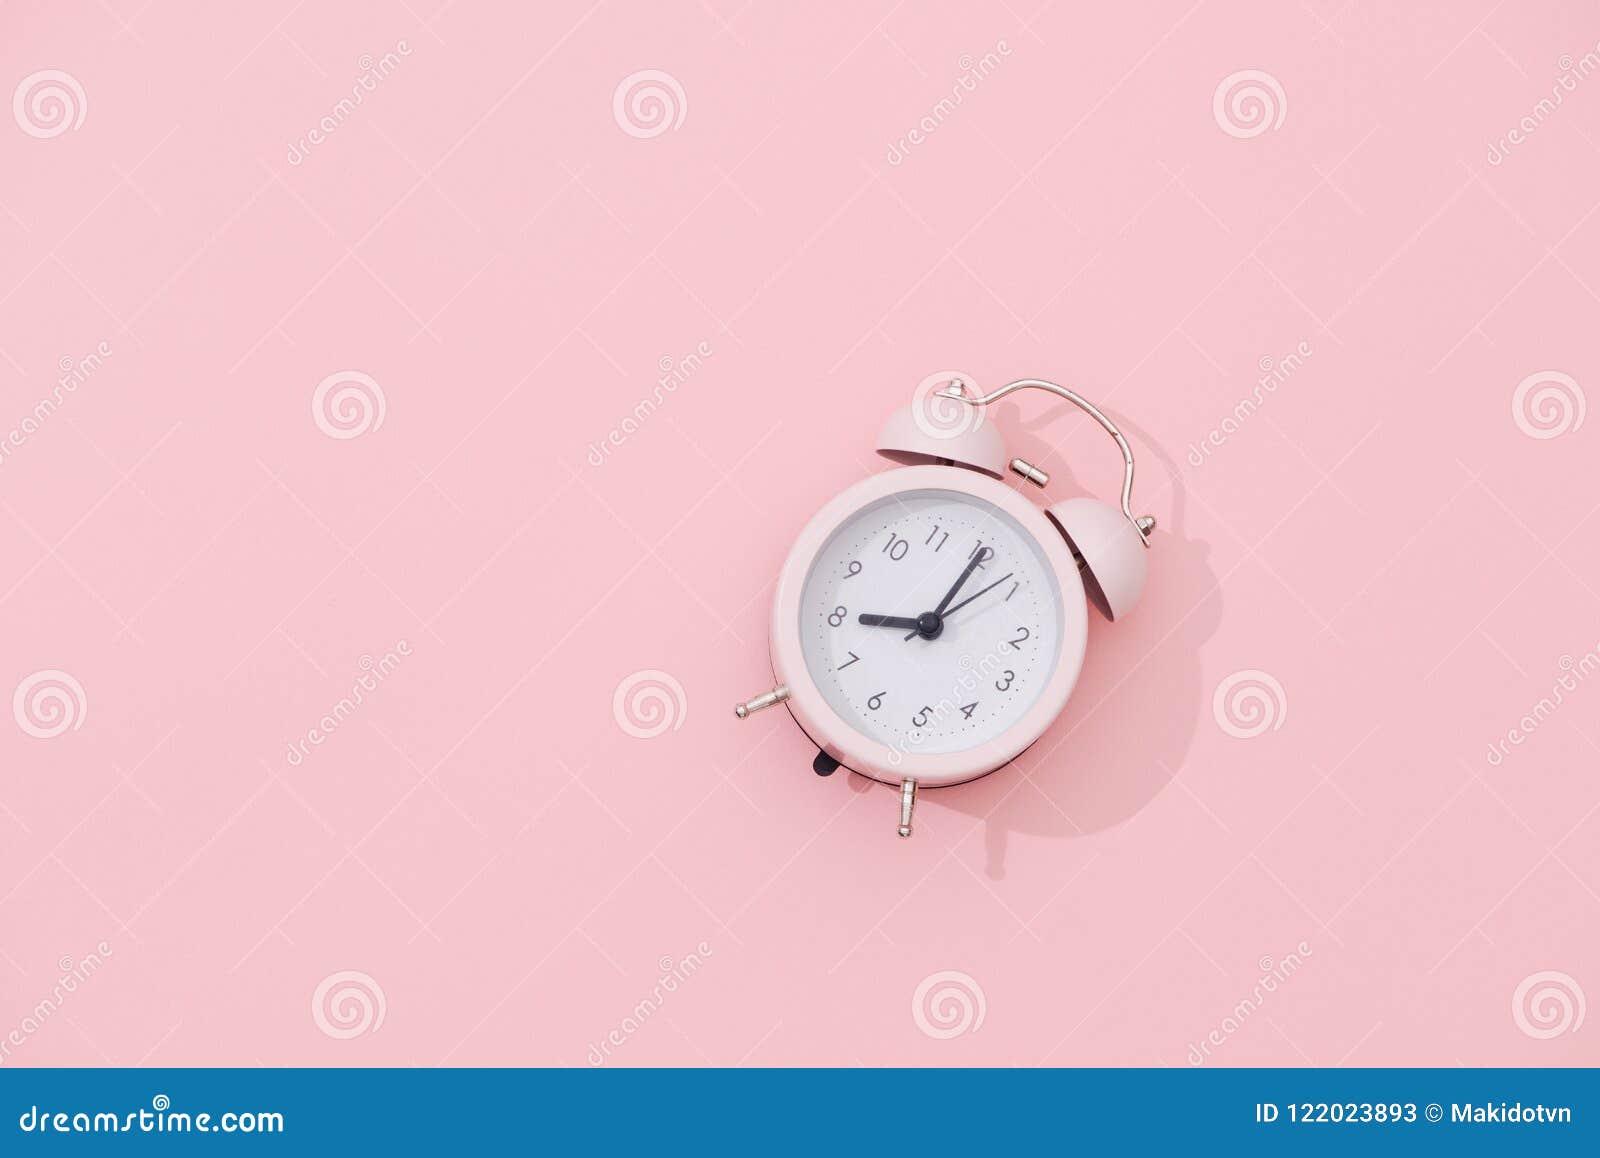 1f781f4b7f8513 Light Pink Vintage Alarm Clock On Pink Color Background Stock Image ...